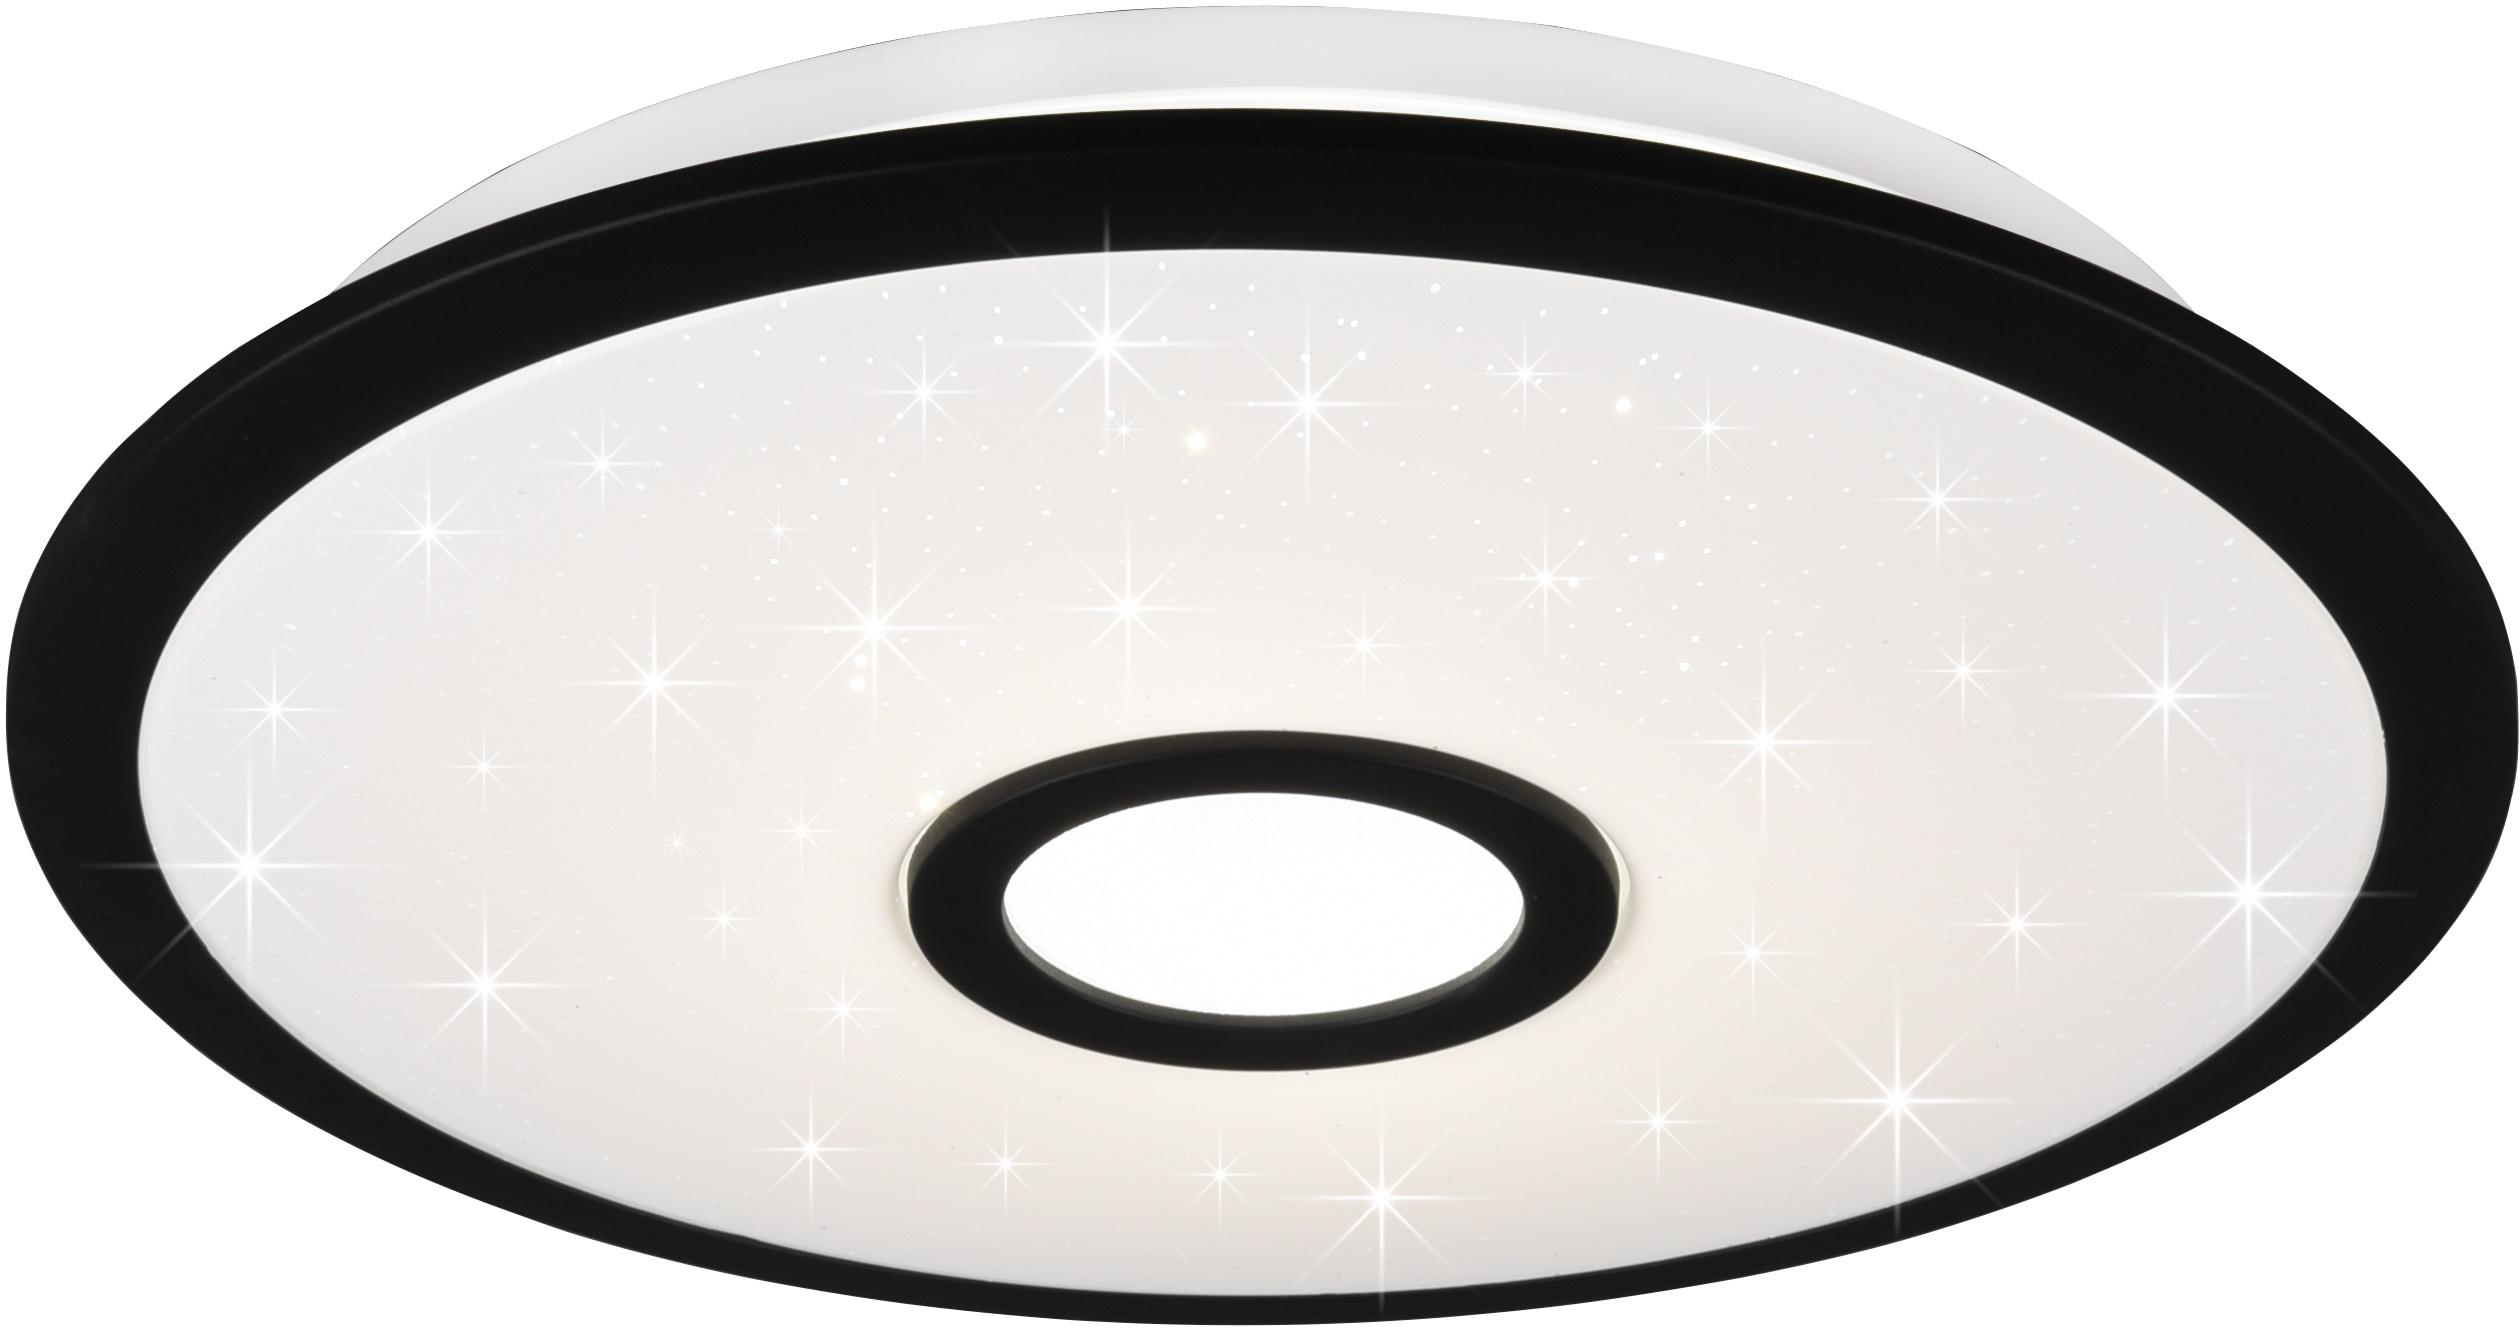 TRIO Leuchten LED Deckenleuchte Okinawa, LED-Modul, Farbwechsler